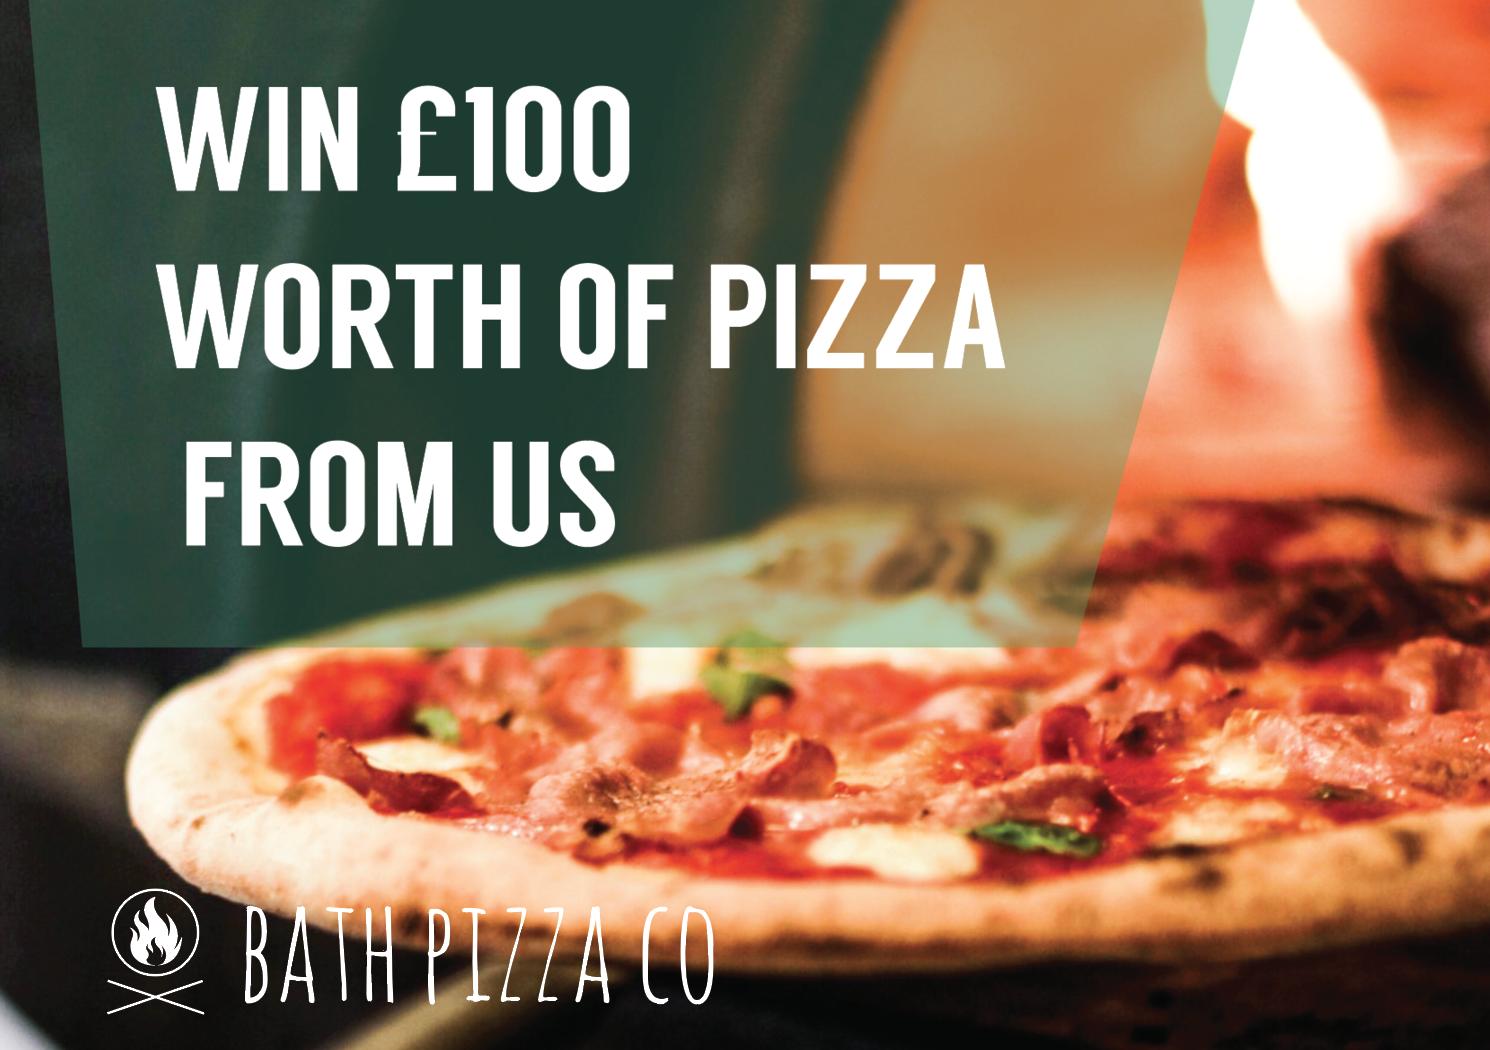 bath-pizza-co-prize-draw-100.jpg